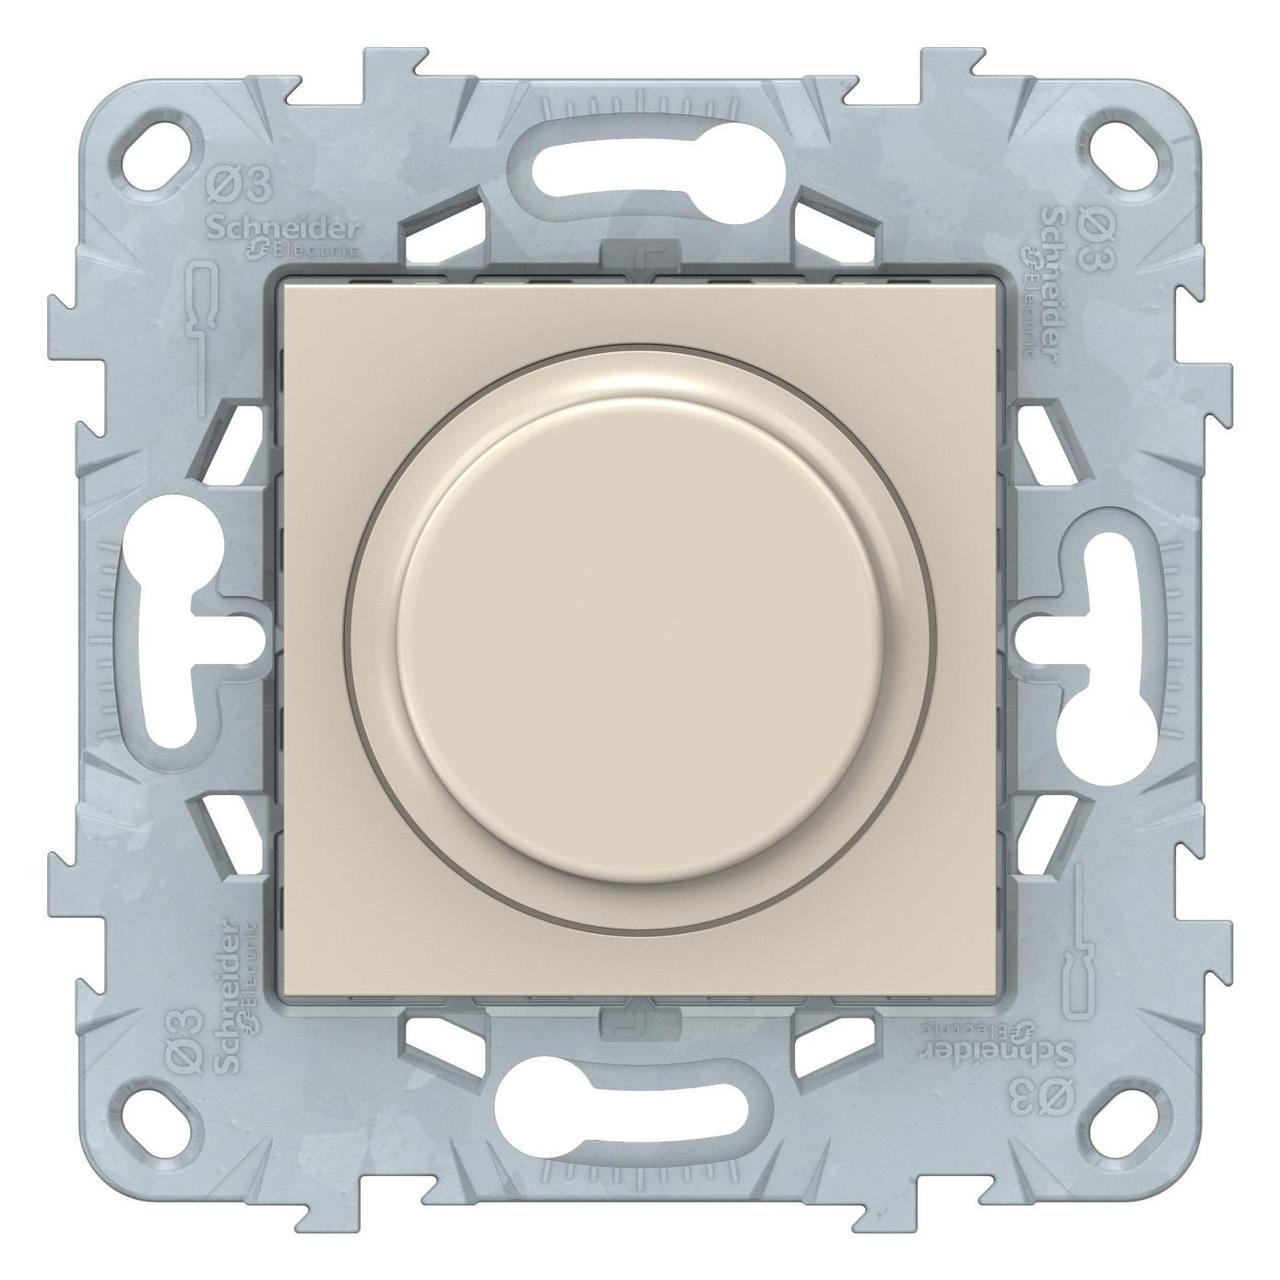 Диммер поворотно-нажимной , 400Вт для л/н и эл.трансф. , Бежевый, серия Unica New, Schneider Electric